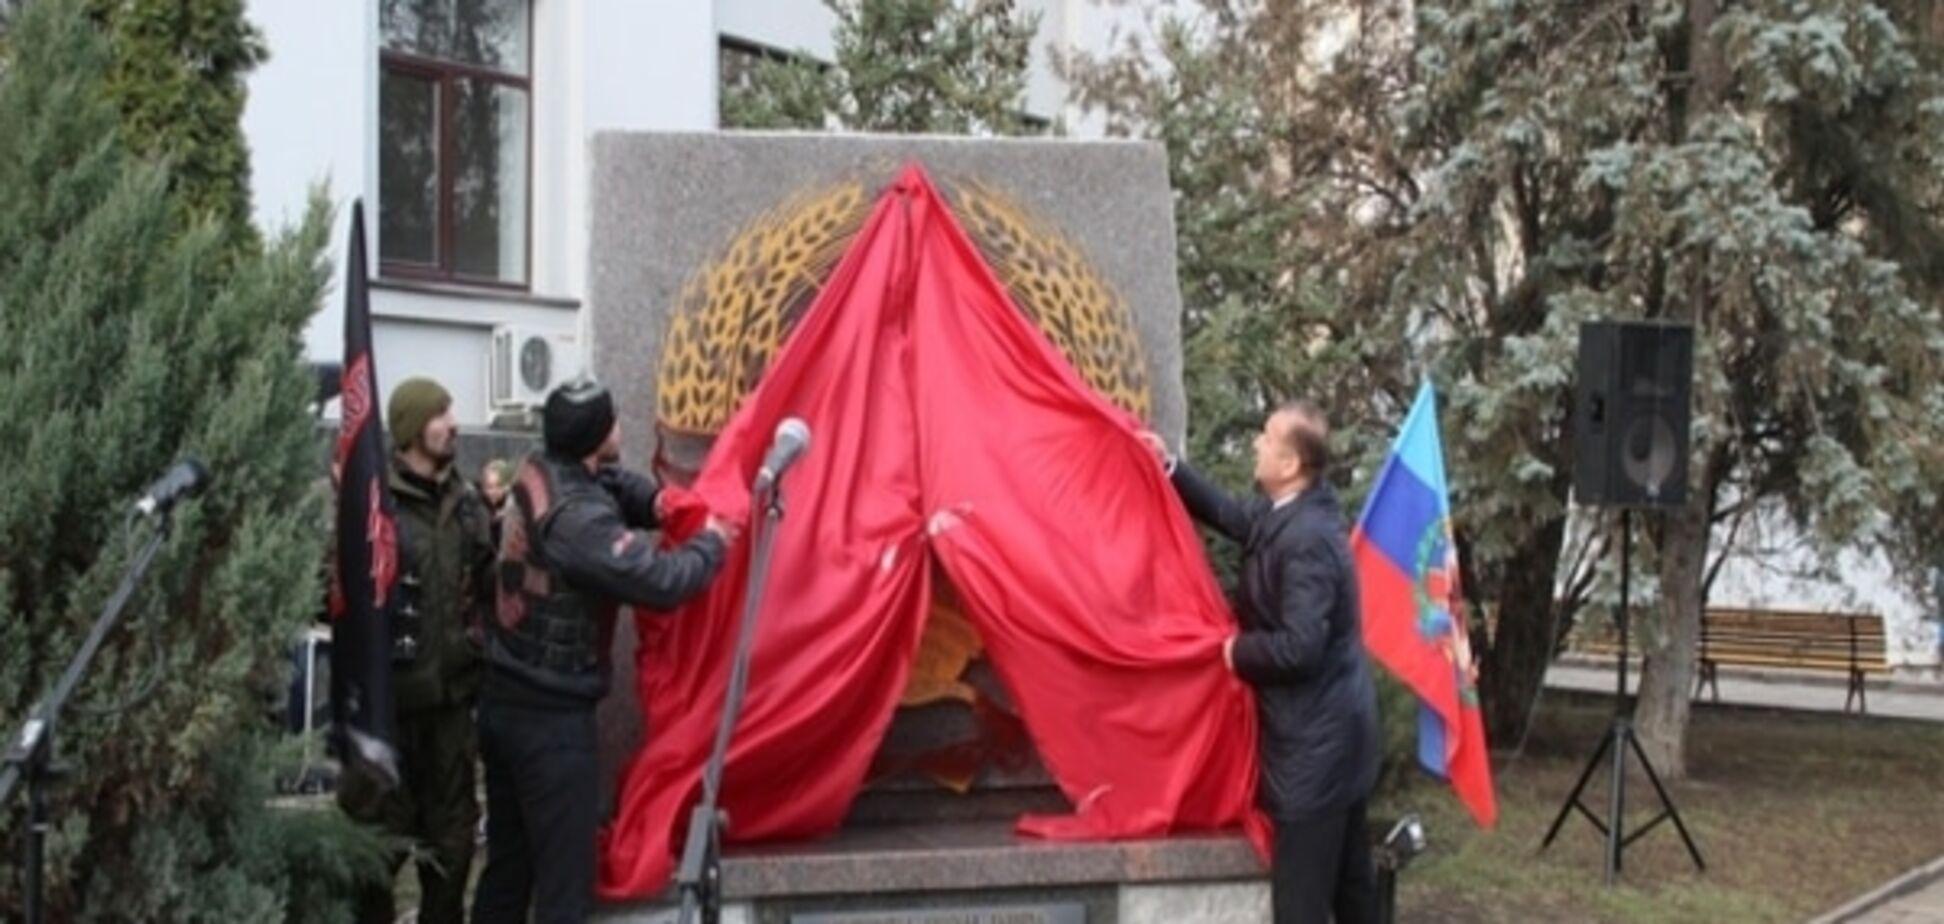 'Ленін з Миколою ІІ плачуть': у Луганську встановили 'розтяту на п'яльцях курку гриль'. Фотофакт